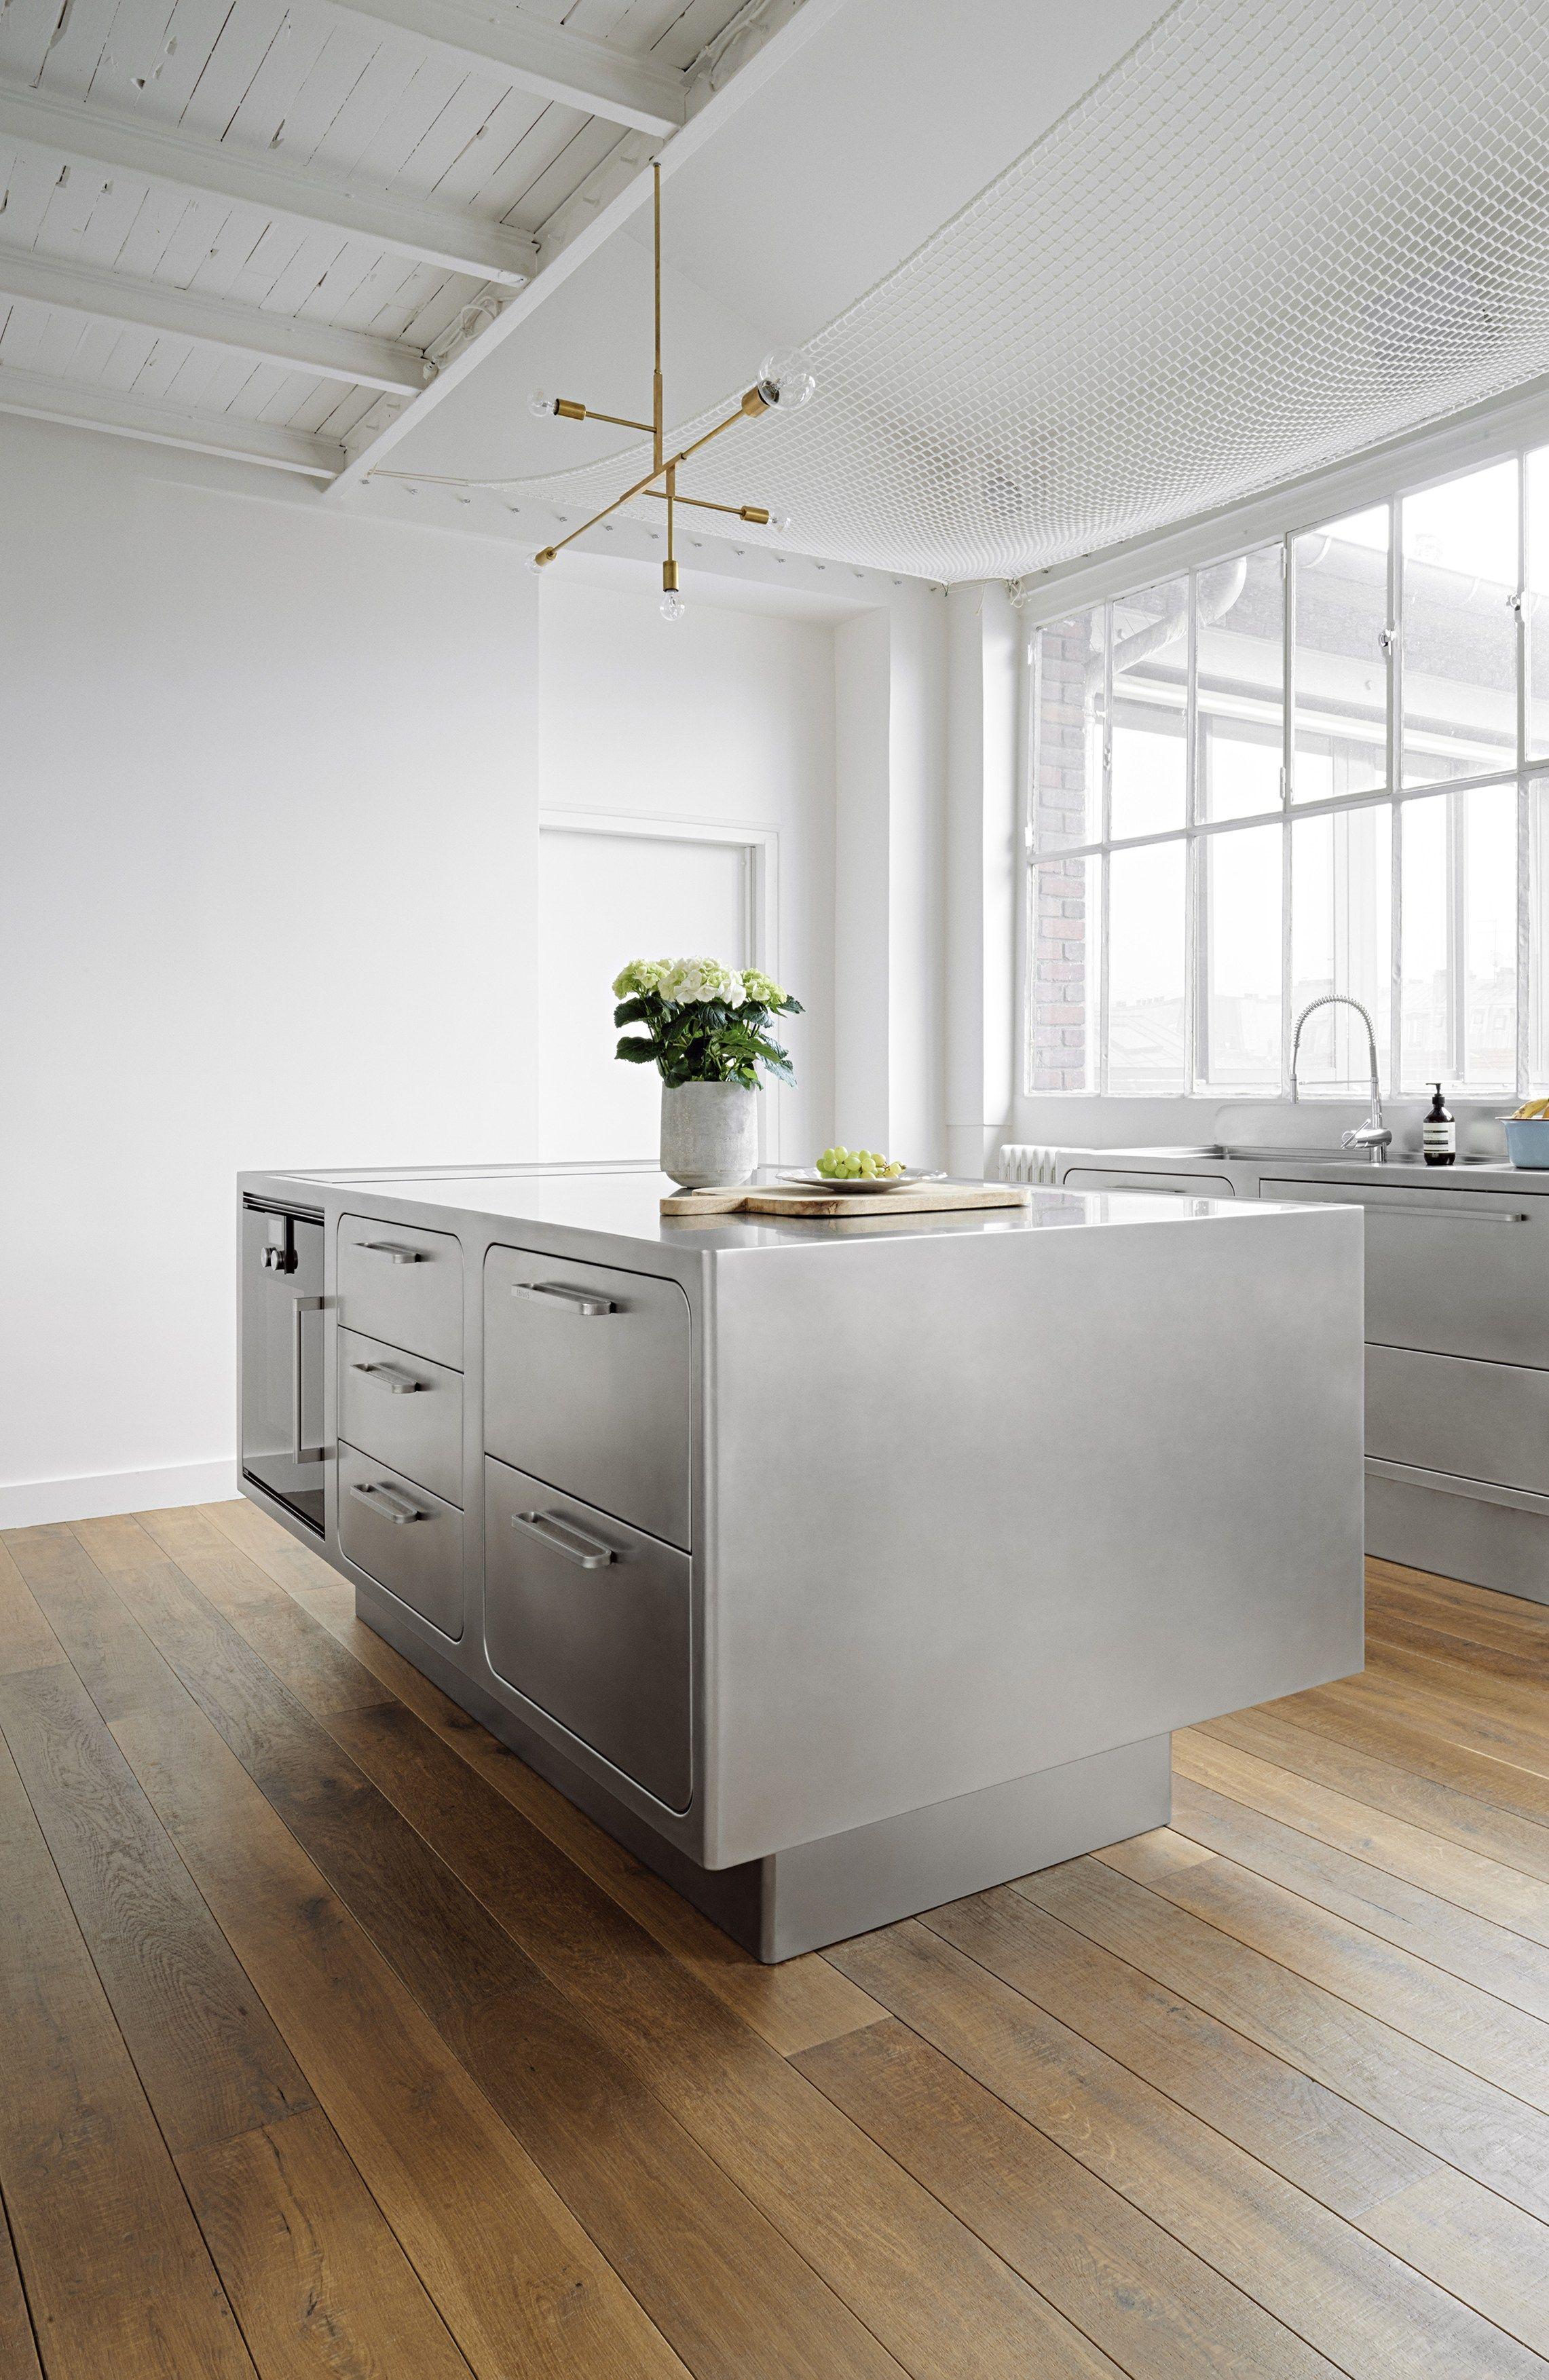 Cozinha de aço inox para uso profissional EGO by ABIMIS by PRISMA  #644B33 2282 3506